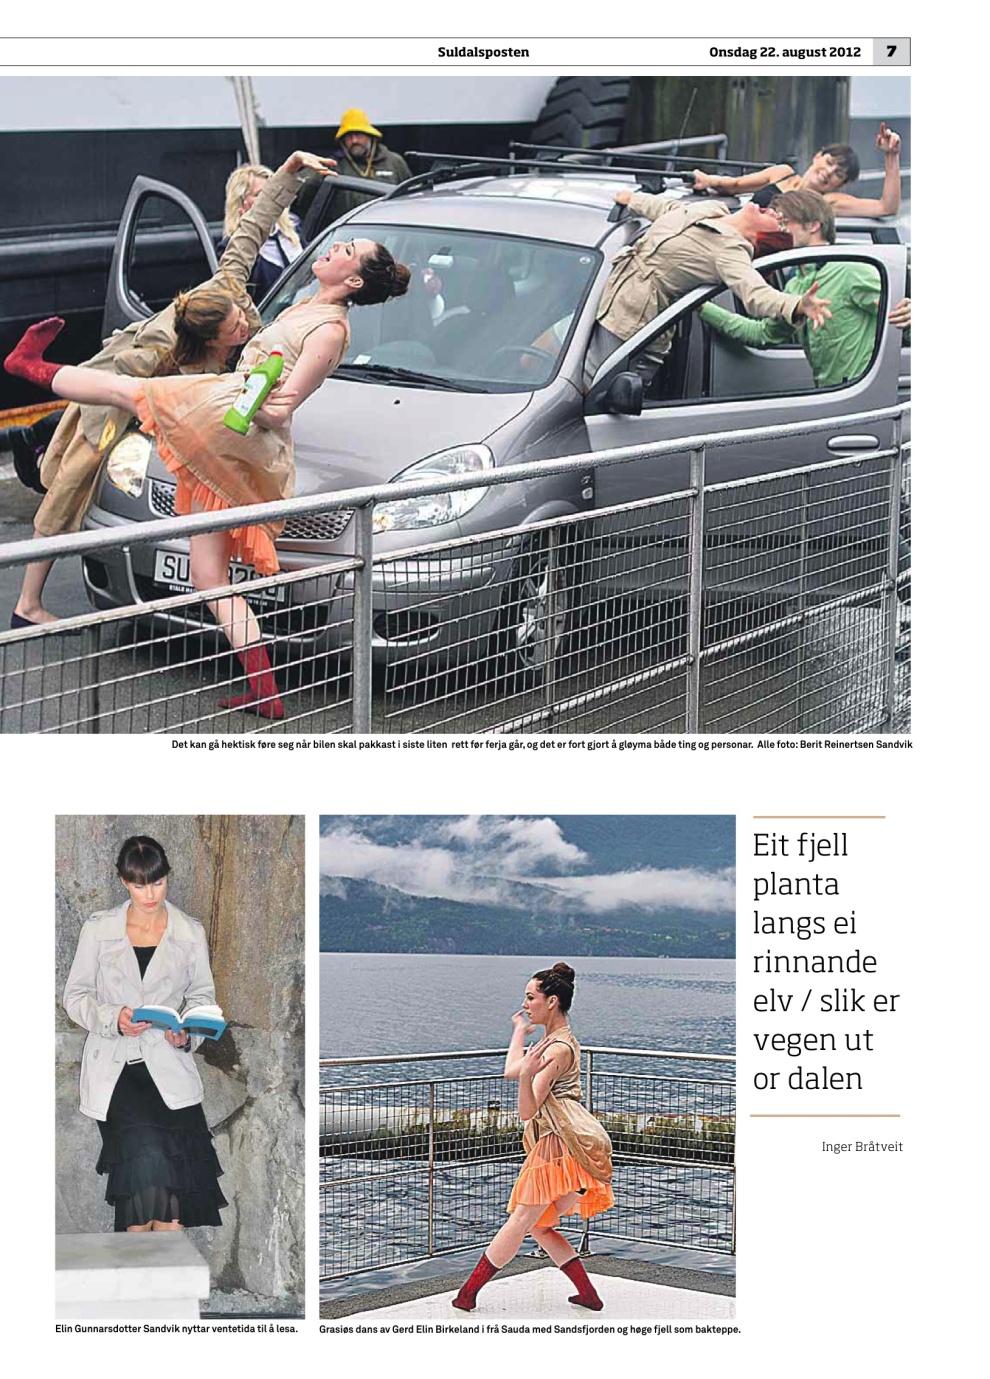 Anmeldelse Venterommet 2012 s. 2